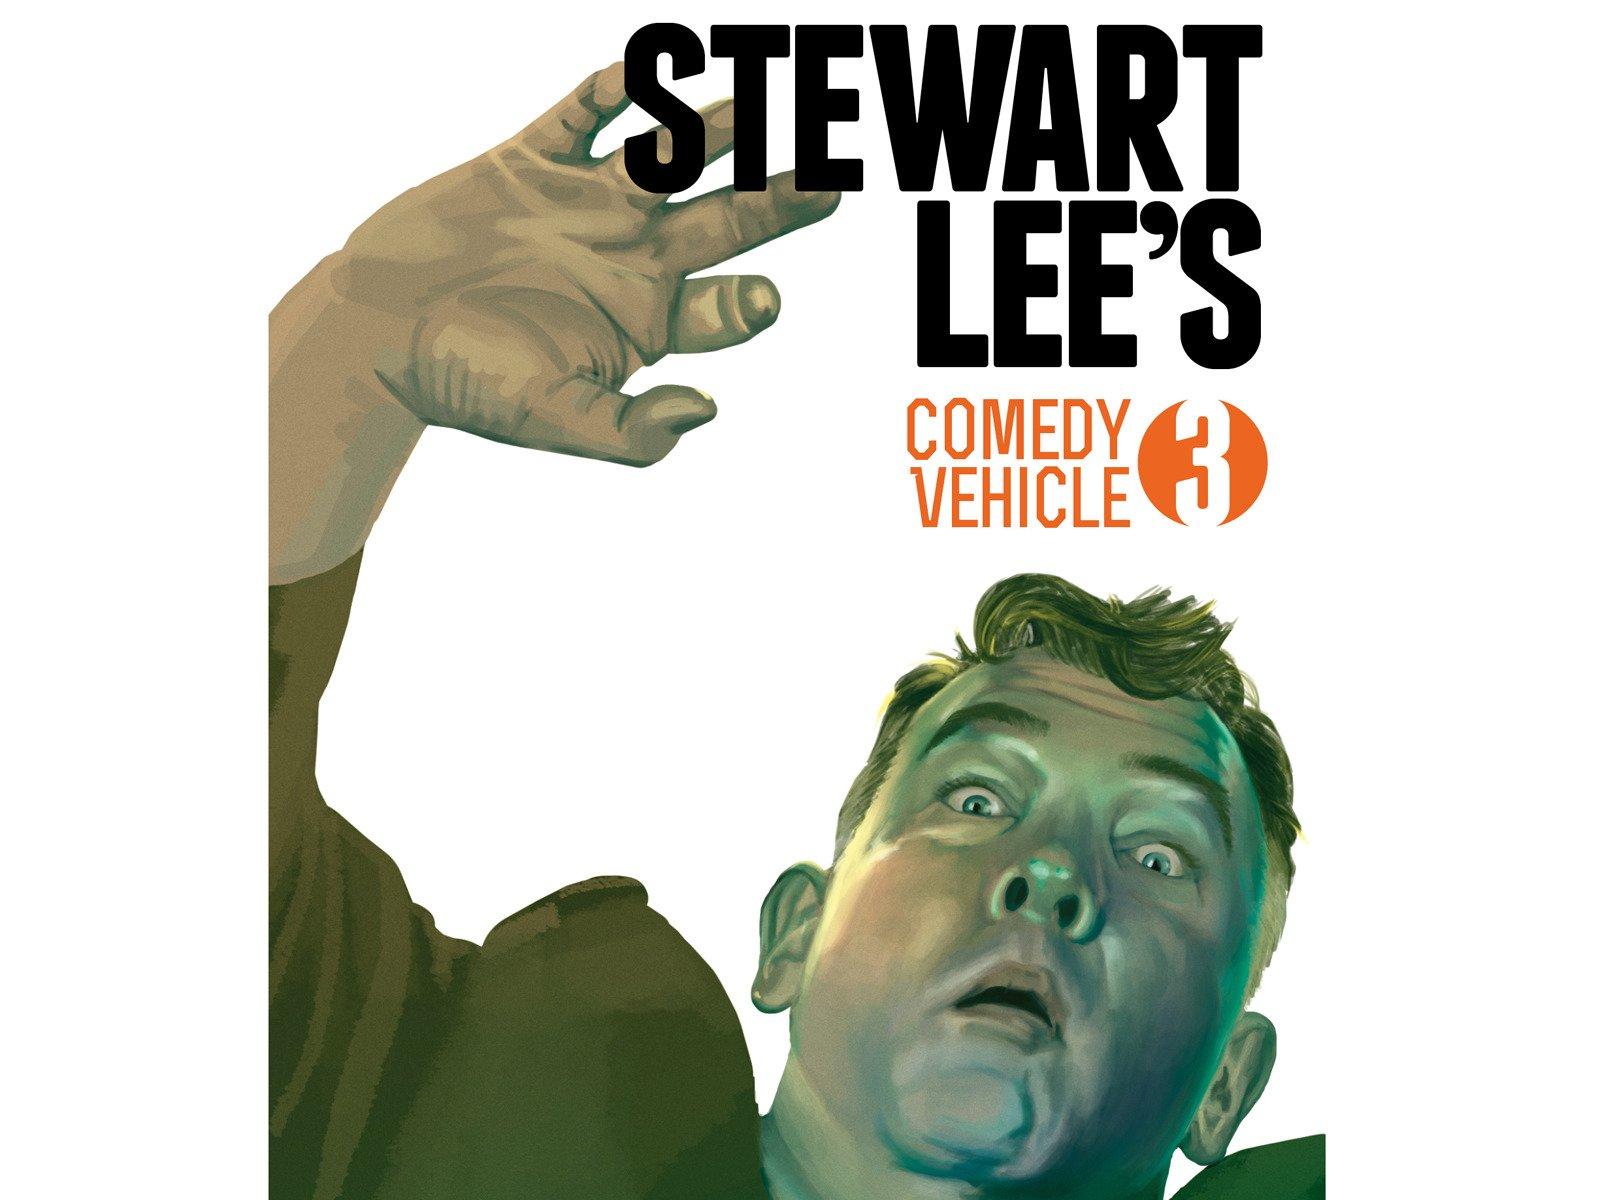 Stewart Lee's Comedy Vehicle: Series 3